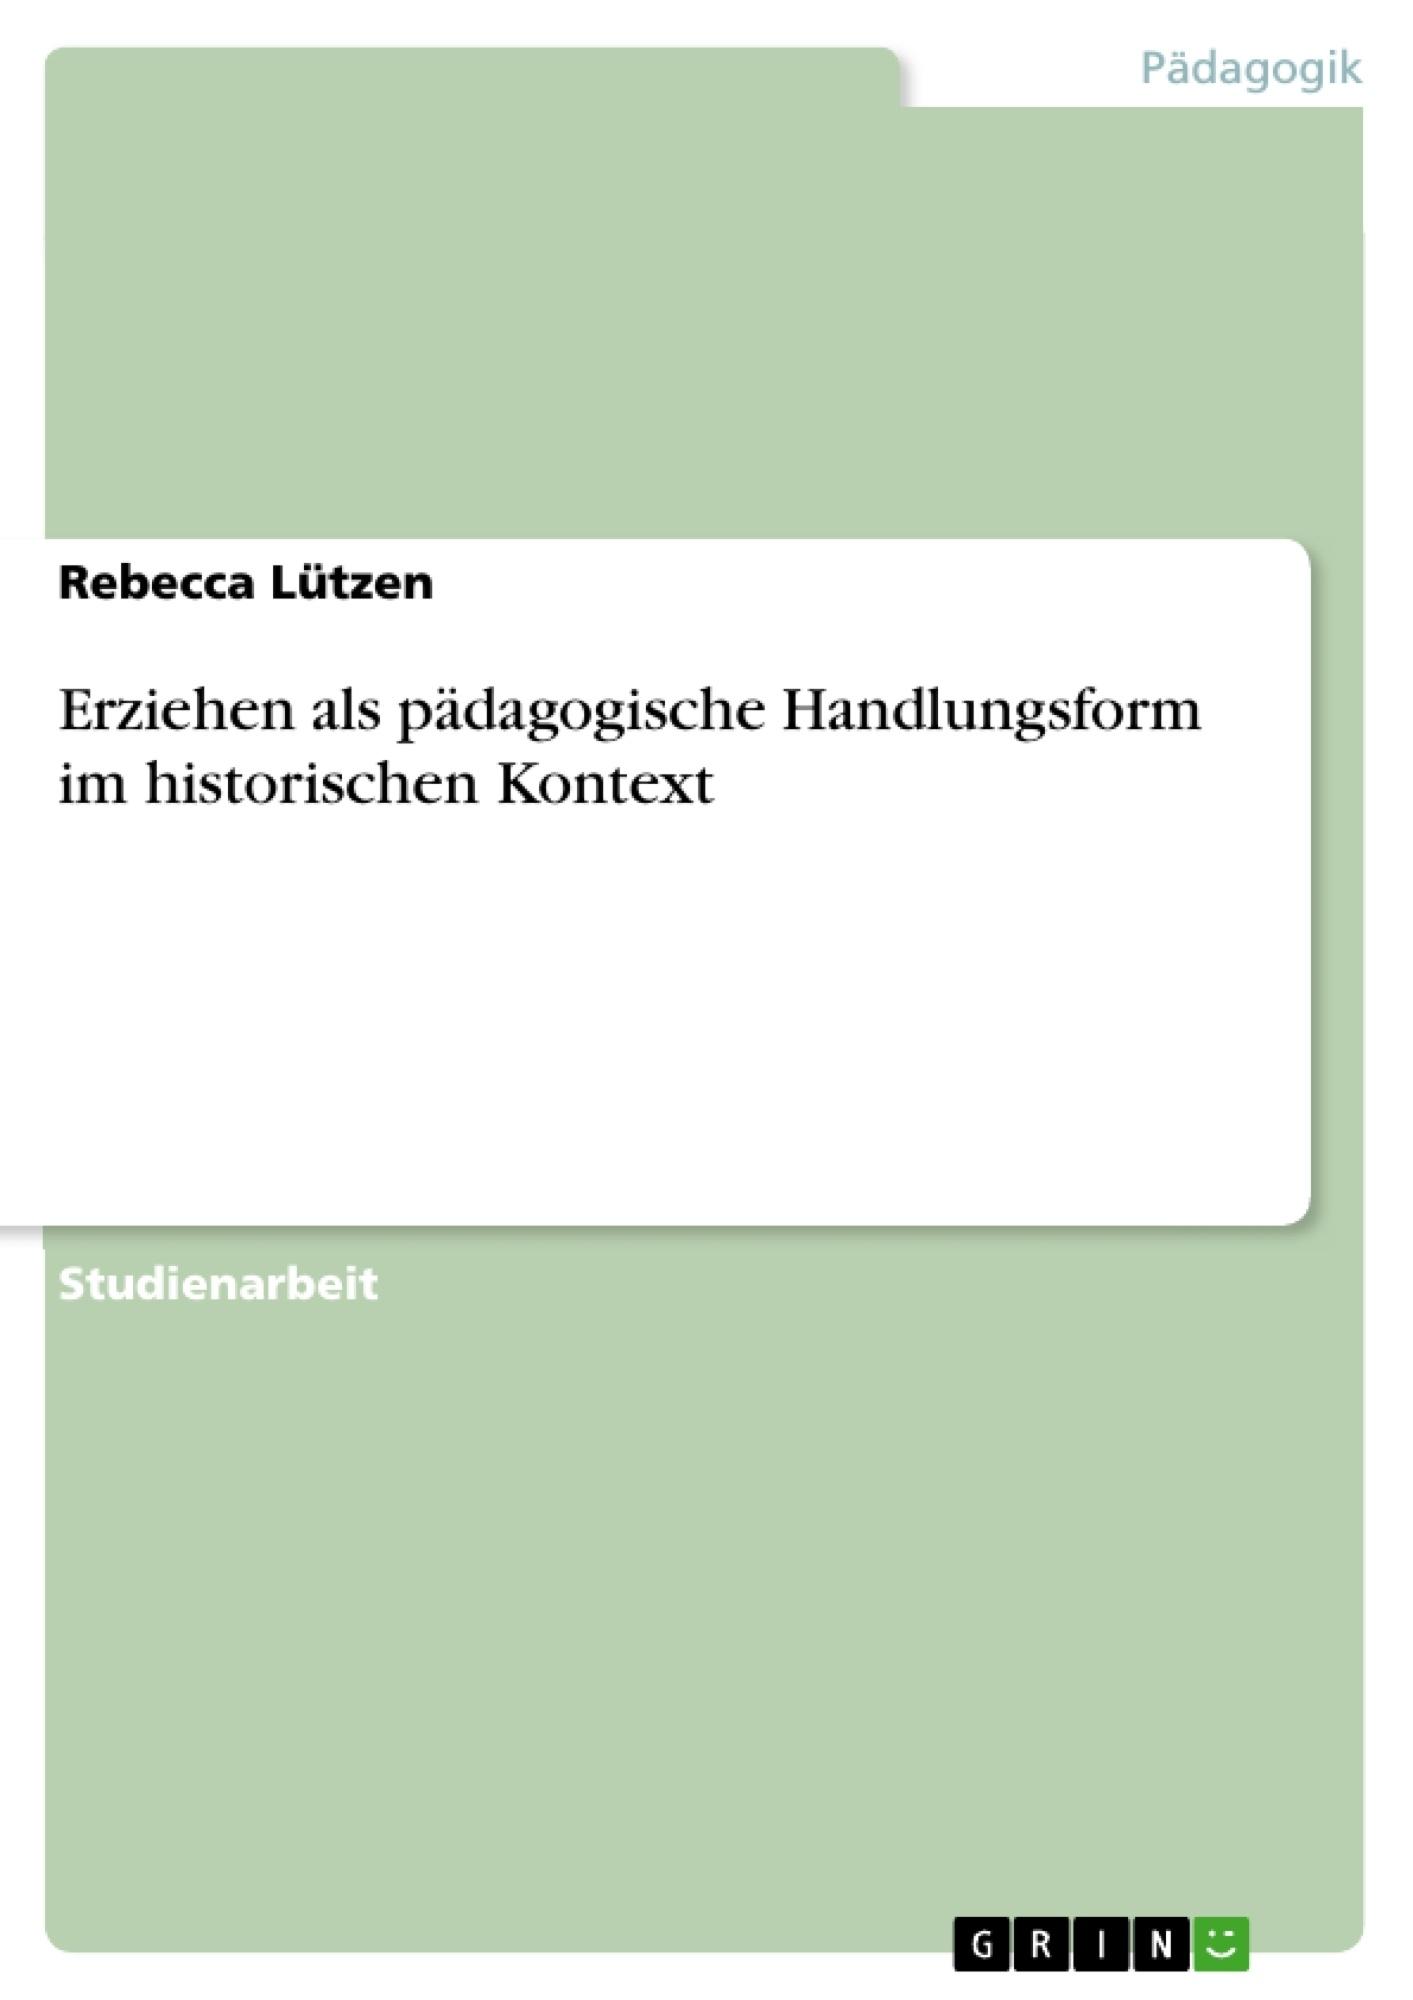 Titel: Erziehen als pädagogische Handlungsform im historischen Kontext